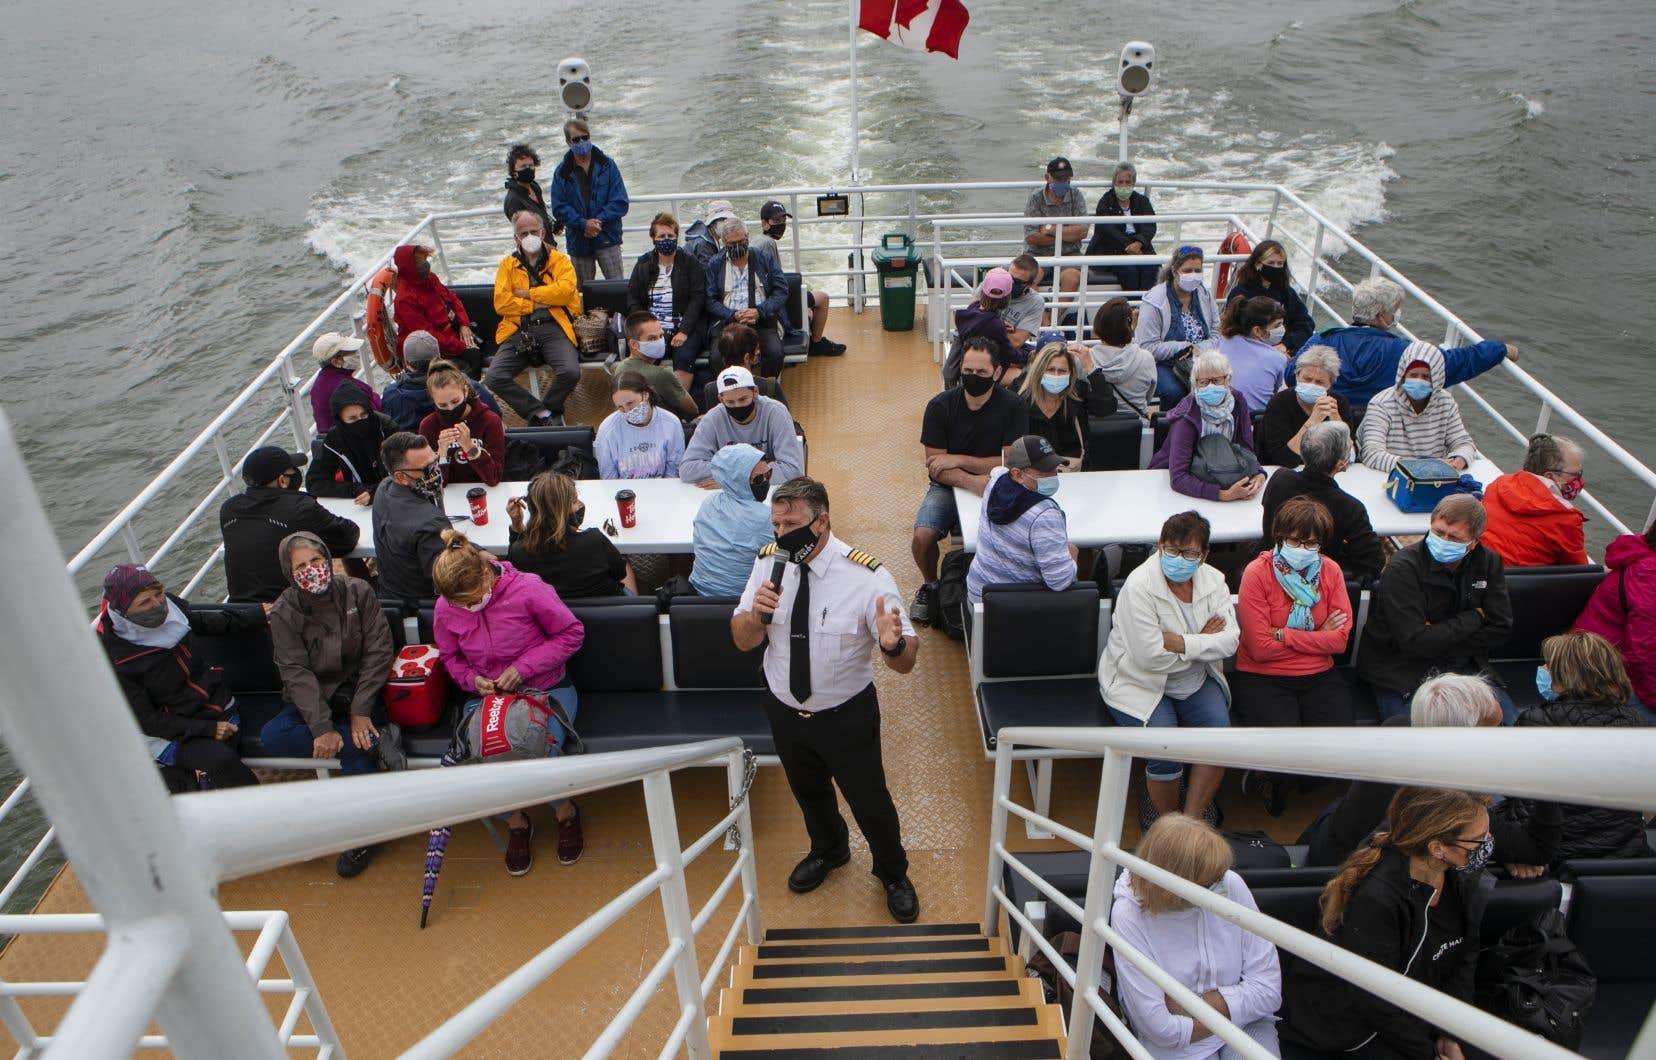 L'industrie des croisières apporte 4milliards de dollars par an à l'économie canadienne et représente environ 30000 emplois directs et indirects, selon le ministère.